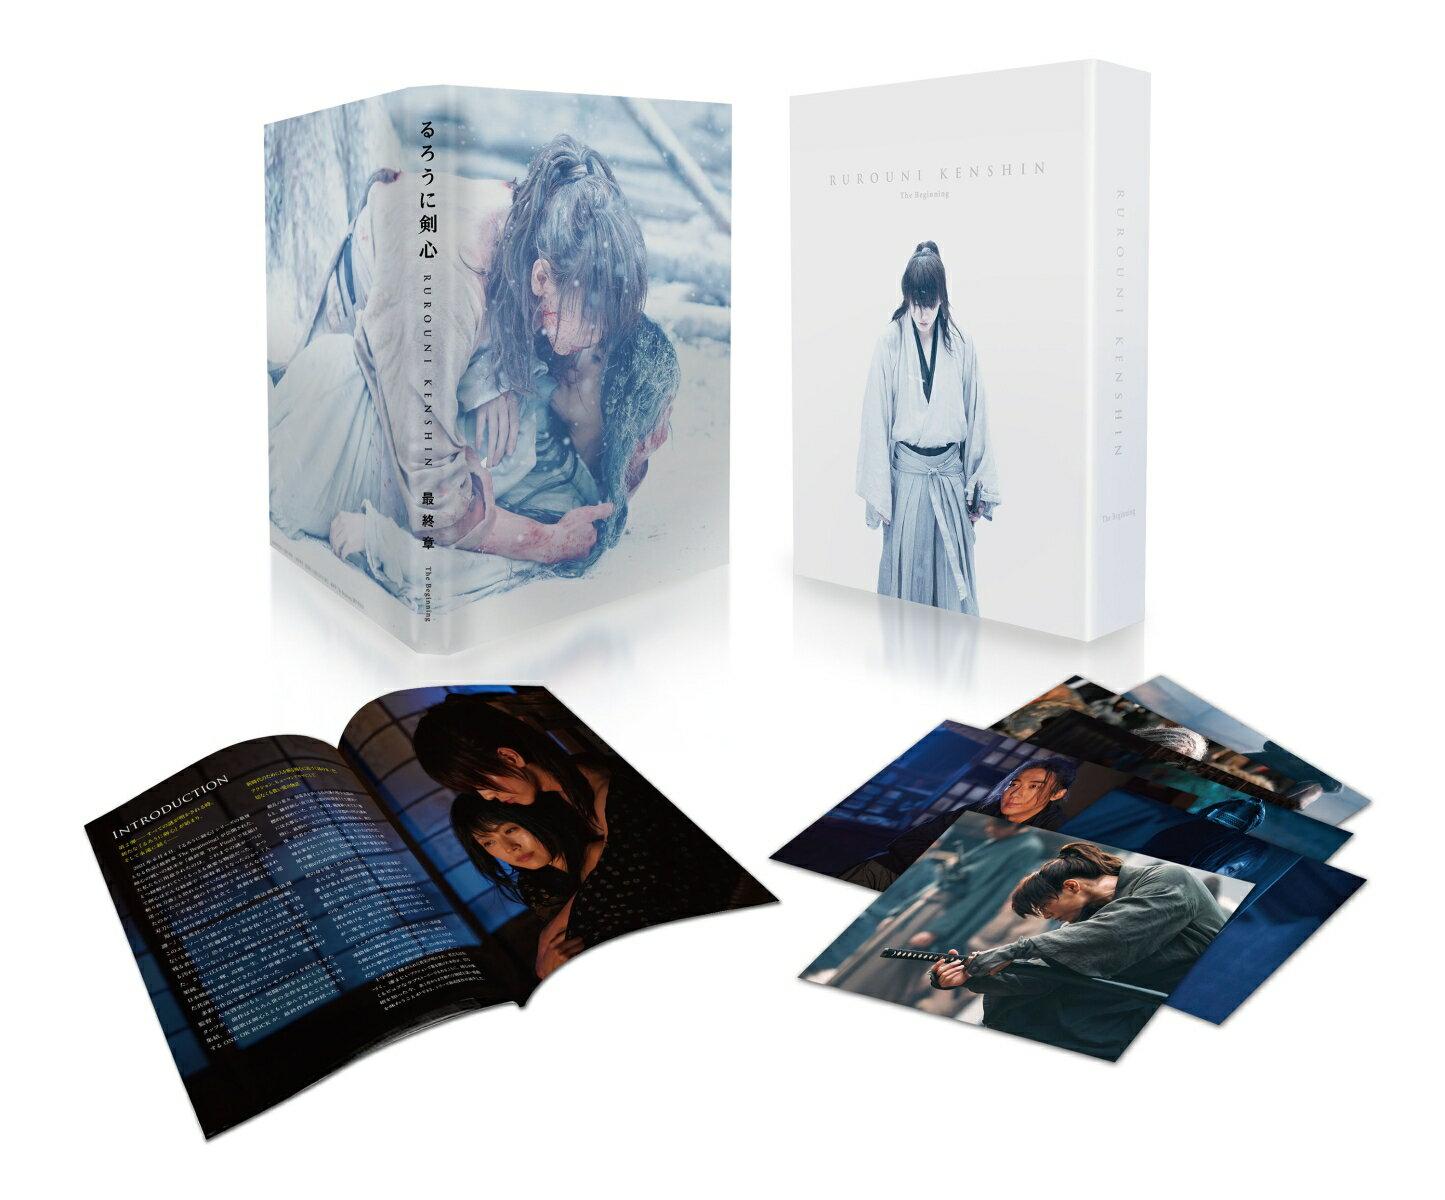 るろうに剣心 最終章 The Beginning 豪華版[初回生産限定Blu-ray]【Blu-ray】